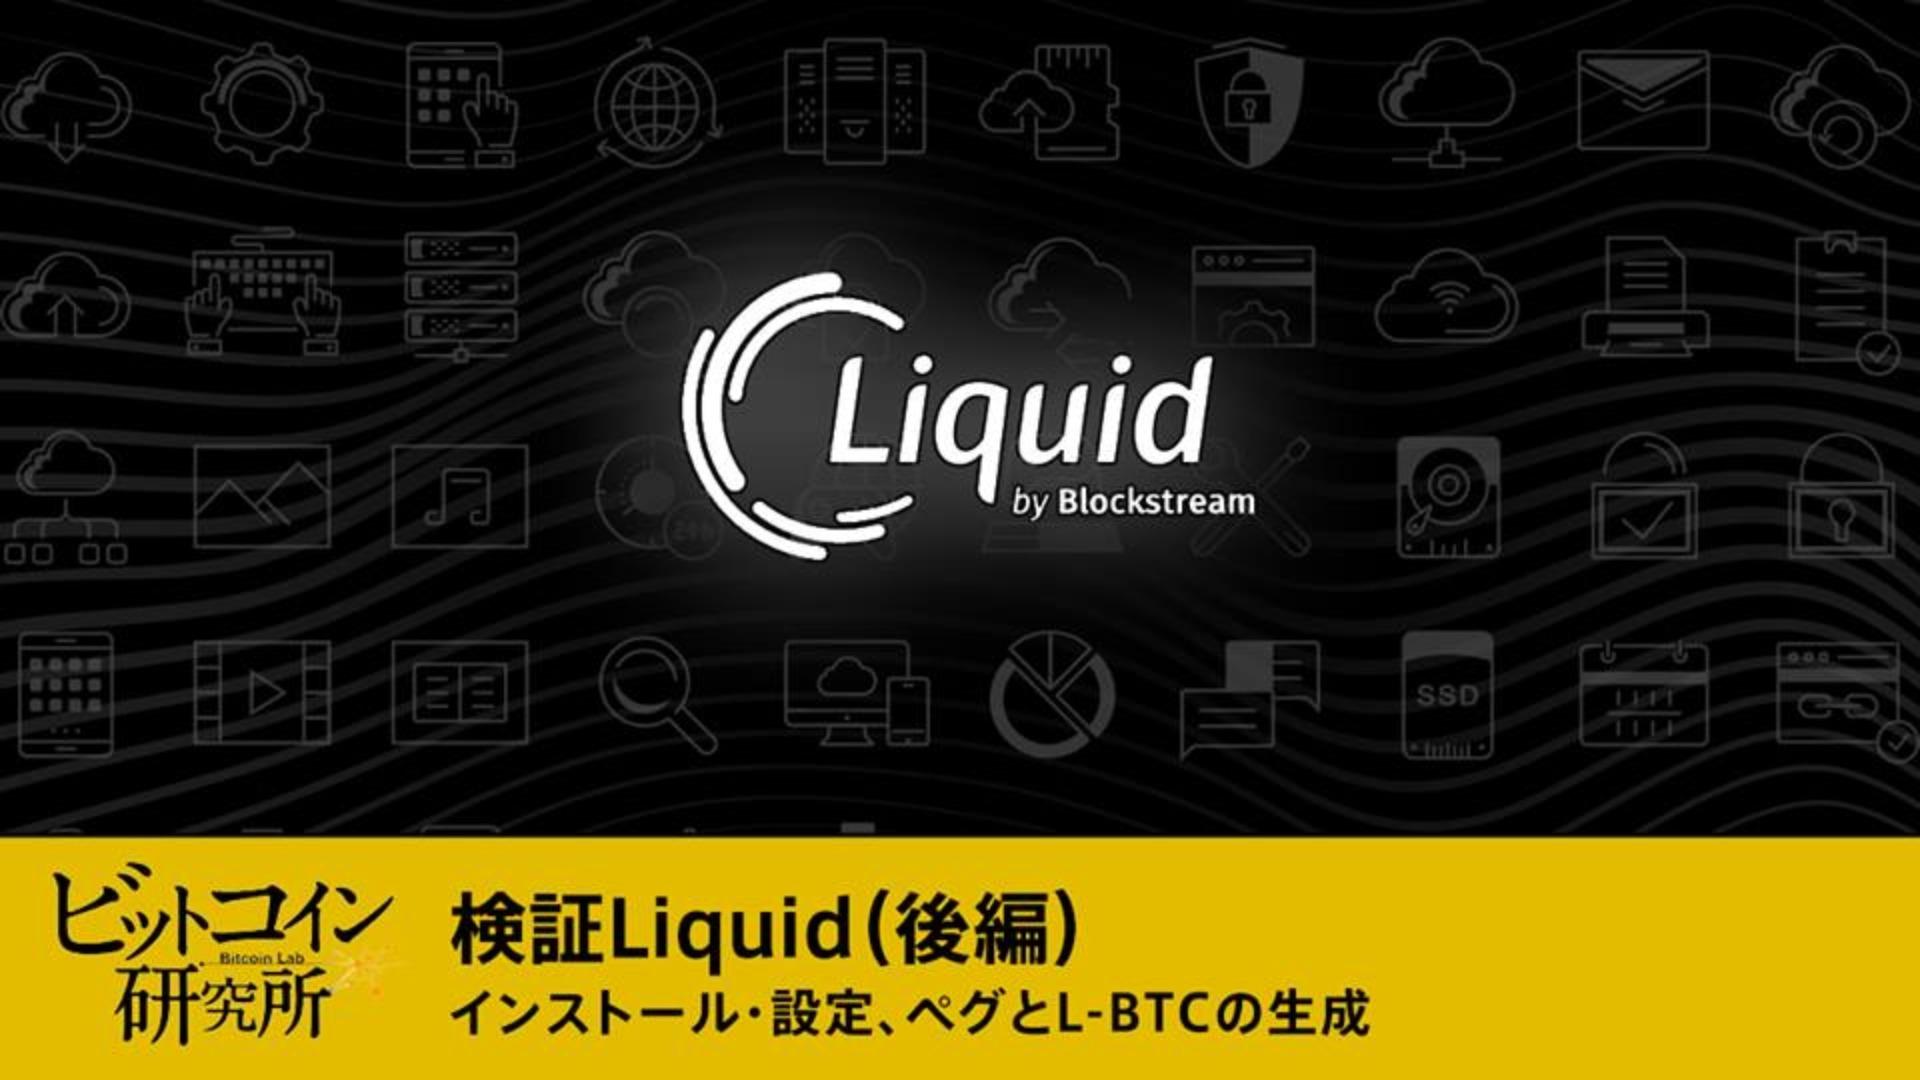 【レポート No.122】検証Liquid(後編)